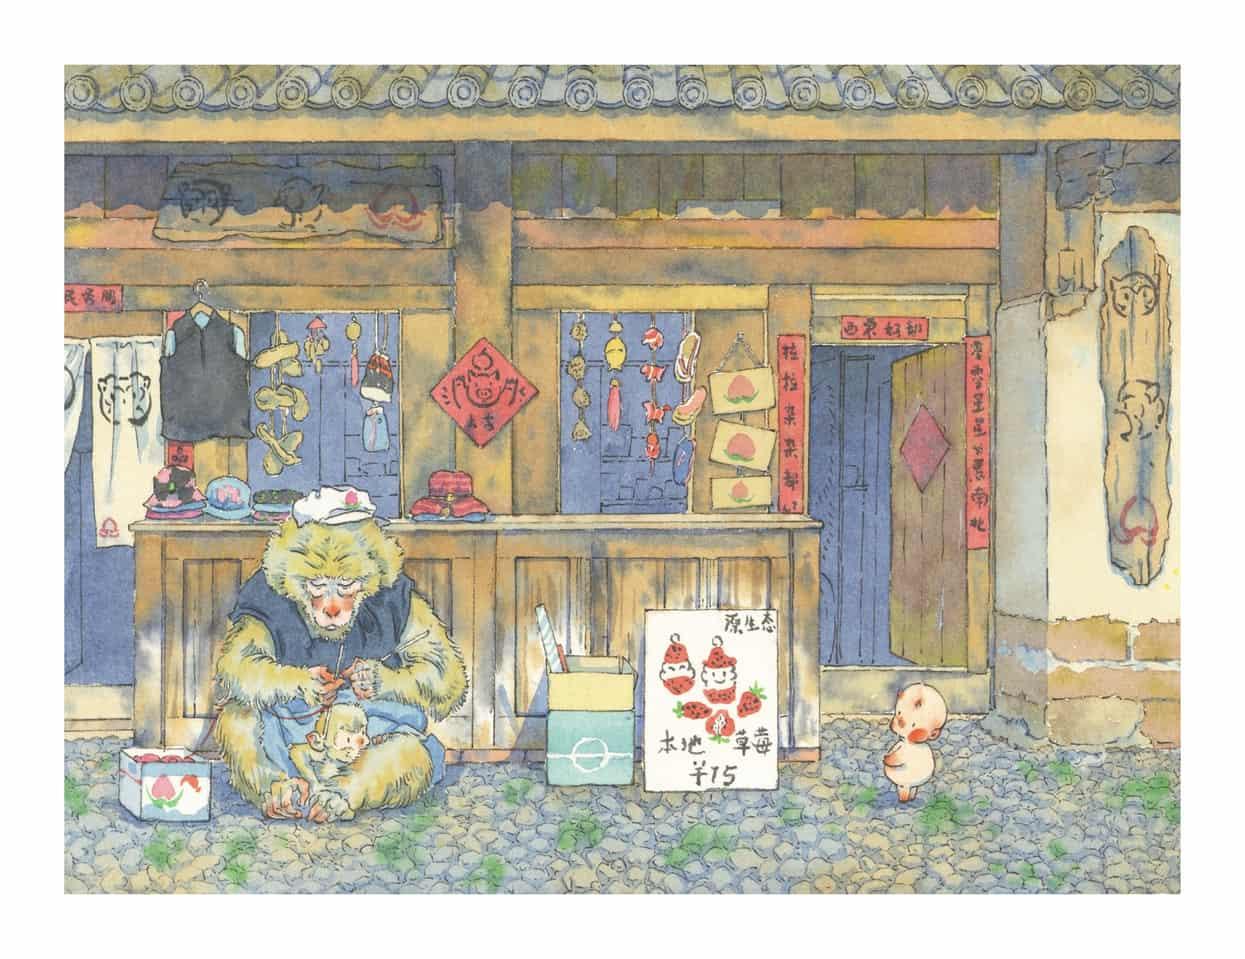 沙溪古镇的老奶奶 Illust of weiyiren handdrawn watercolor illustration